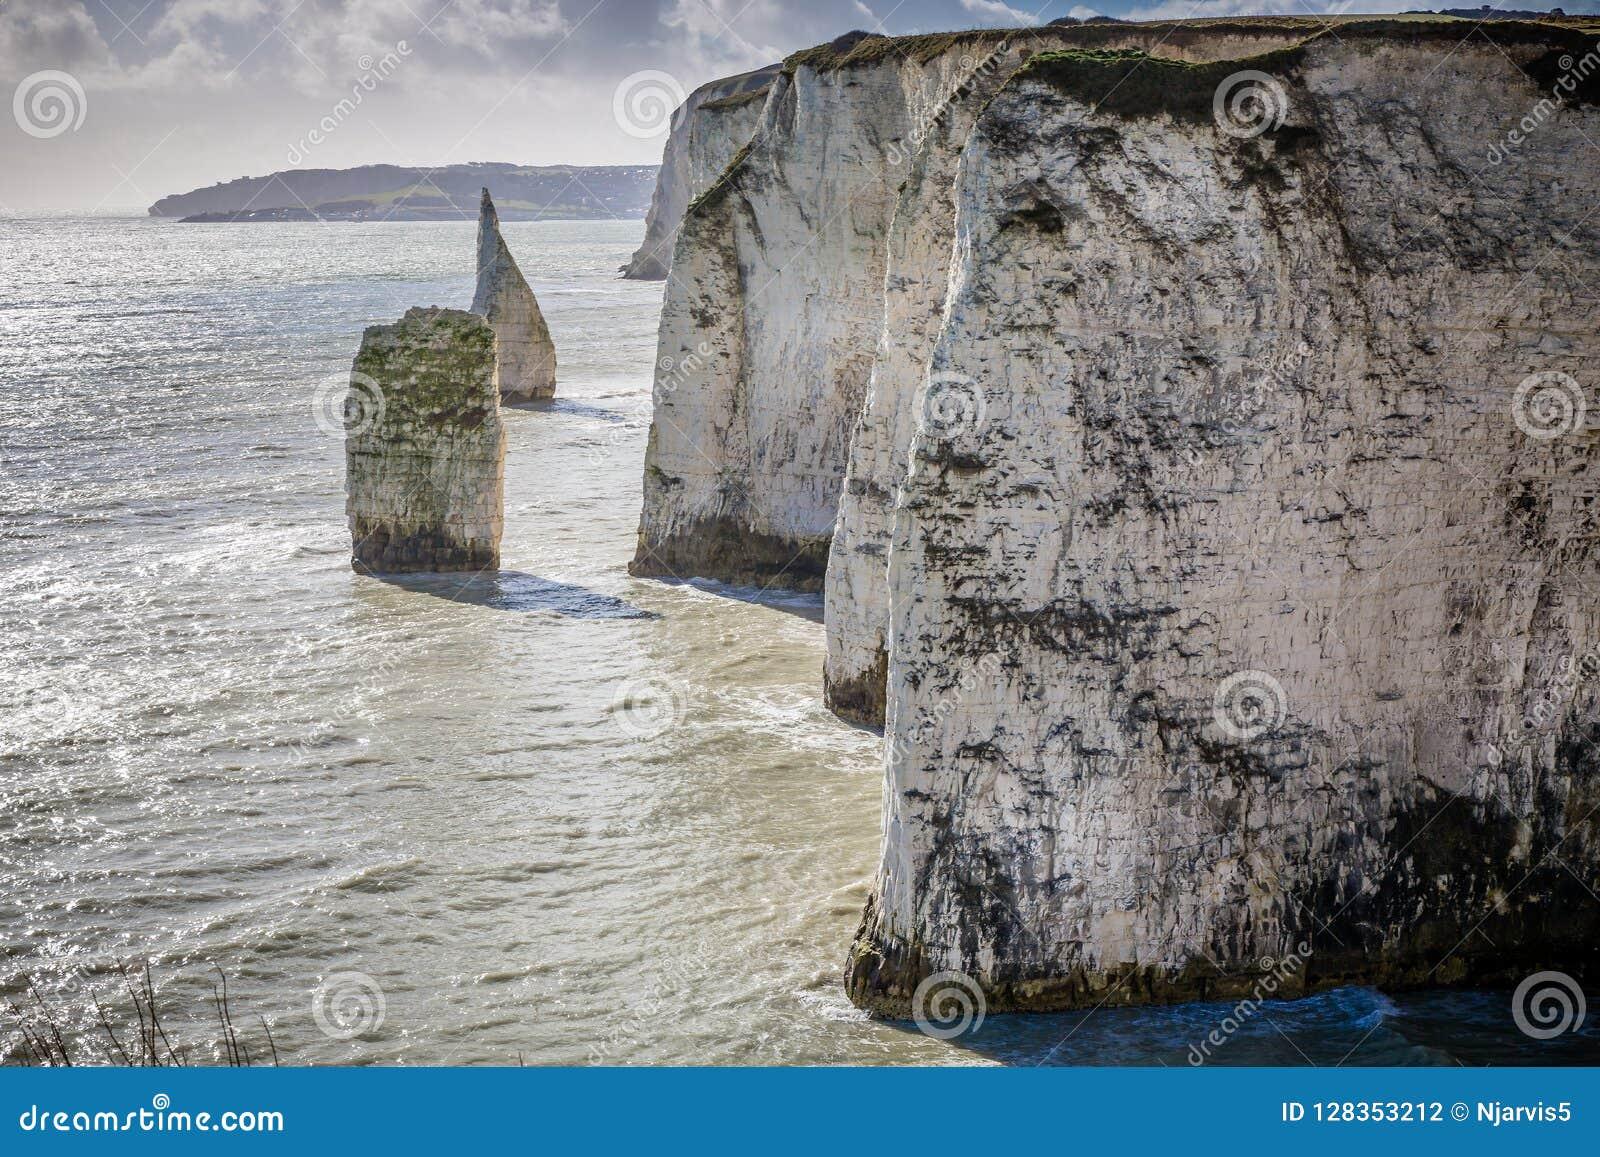 Los acantilados de tiza costeros acercan a viejo Harry Rocks, Swanage, Dorset, Reino Unido